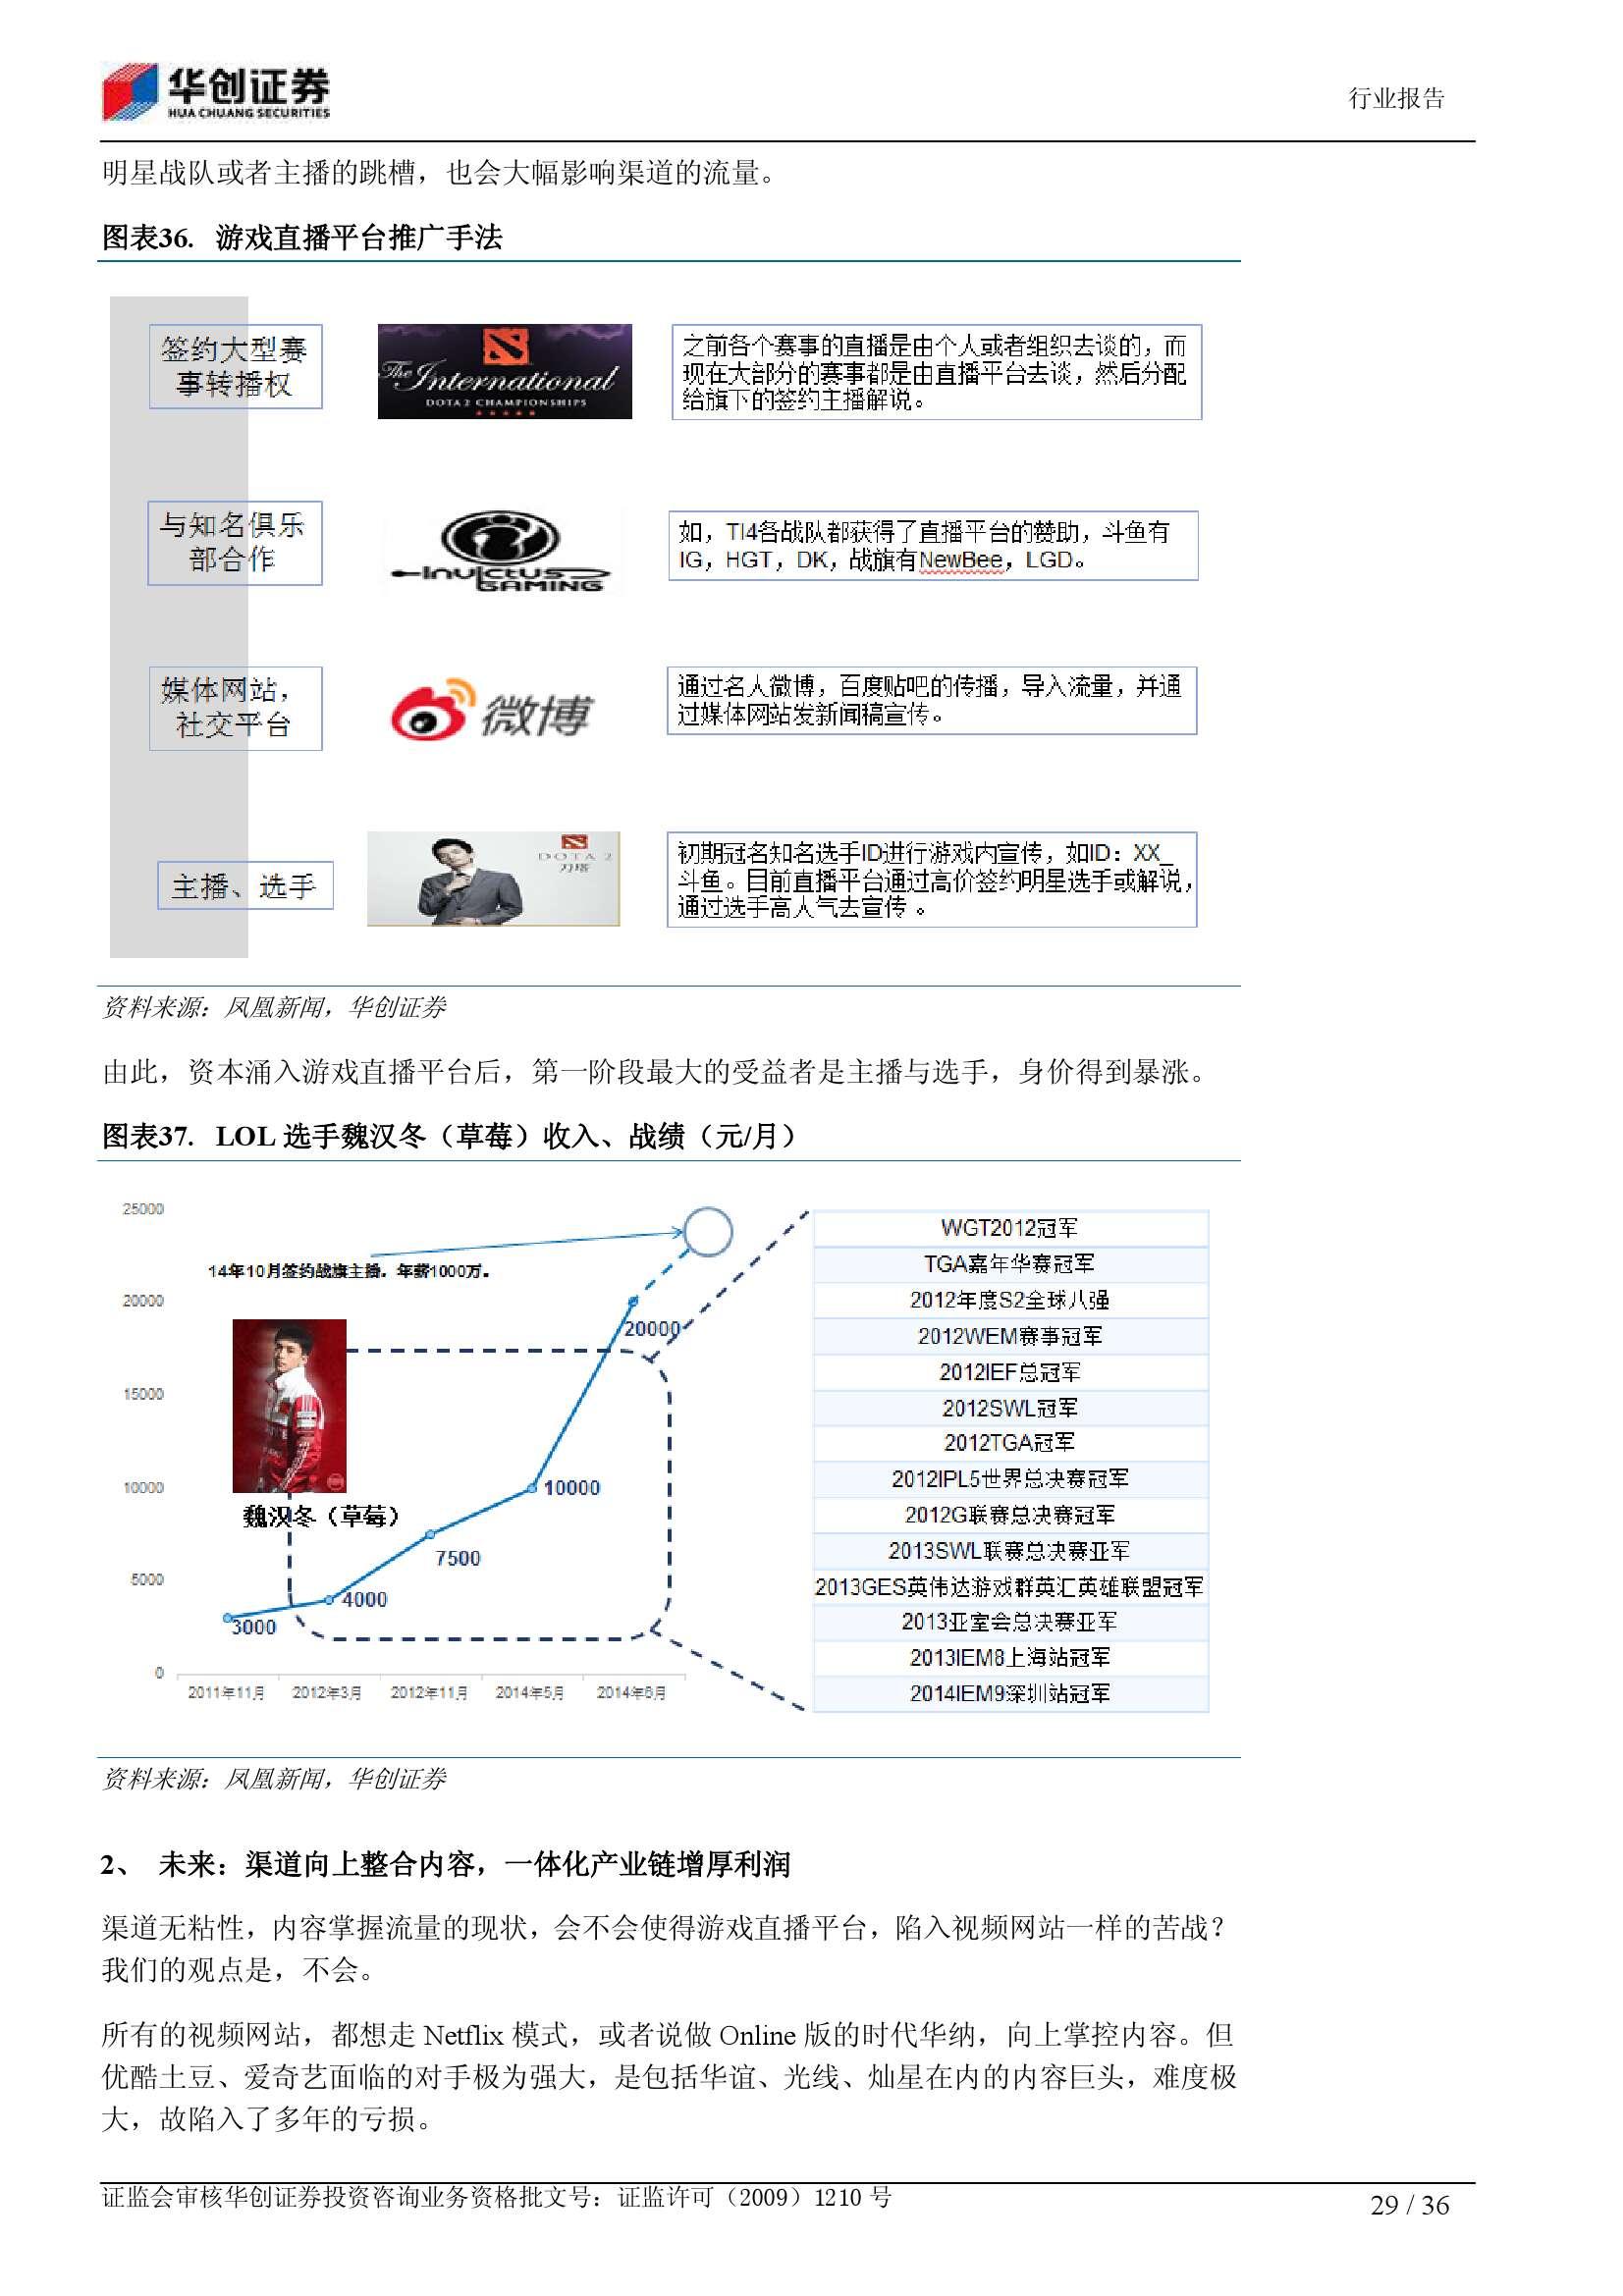 电子竞技深度报告:从小众娱乐 到千亿产业_000029